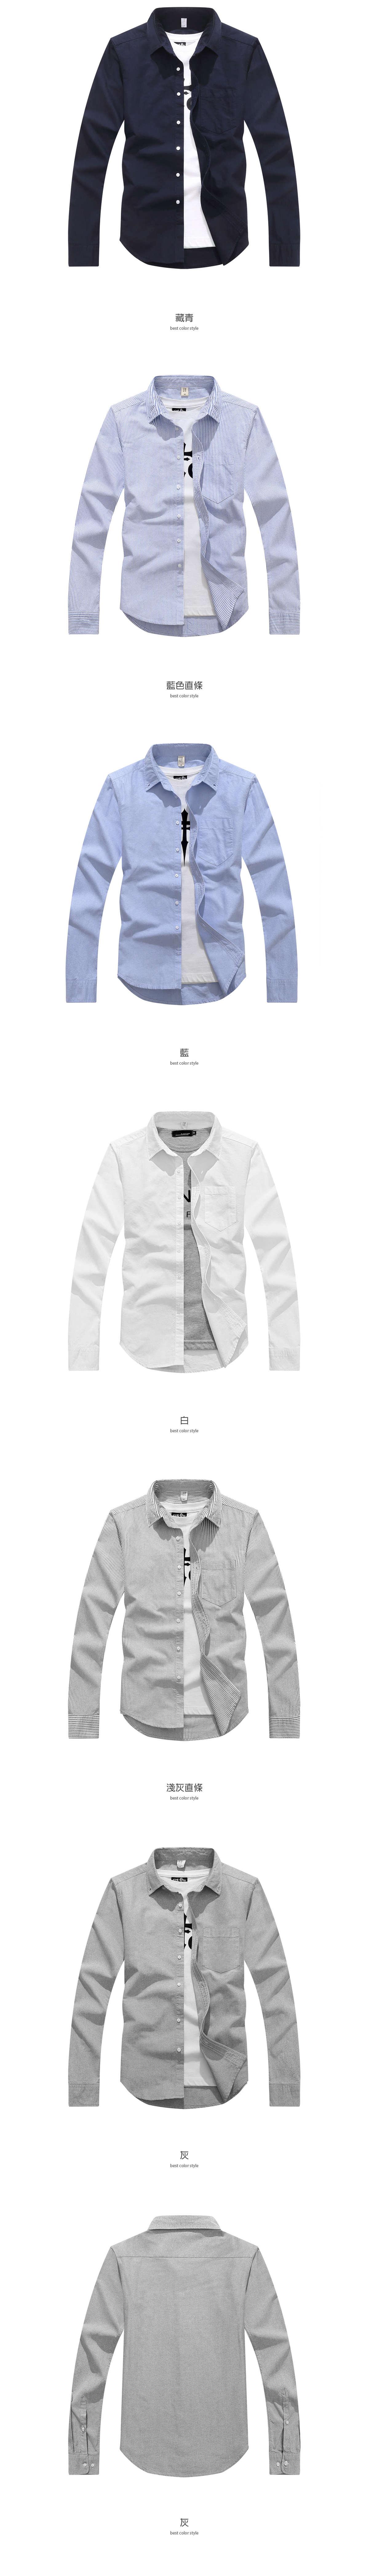 簡約條紋棉質長袖襯衫